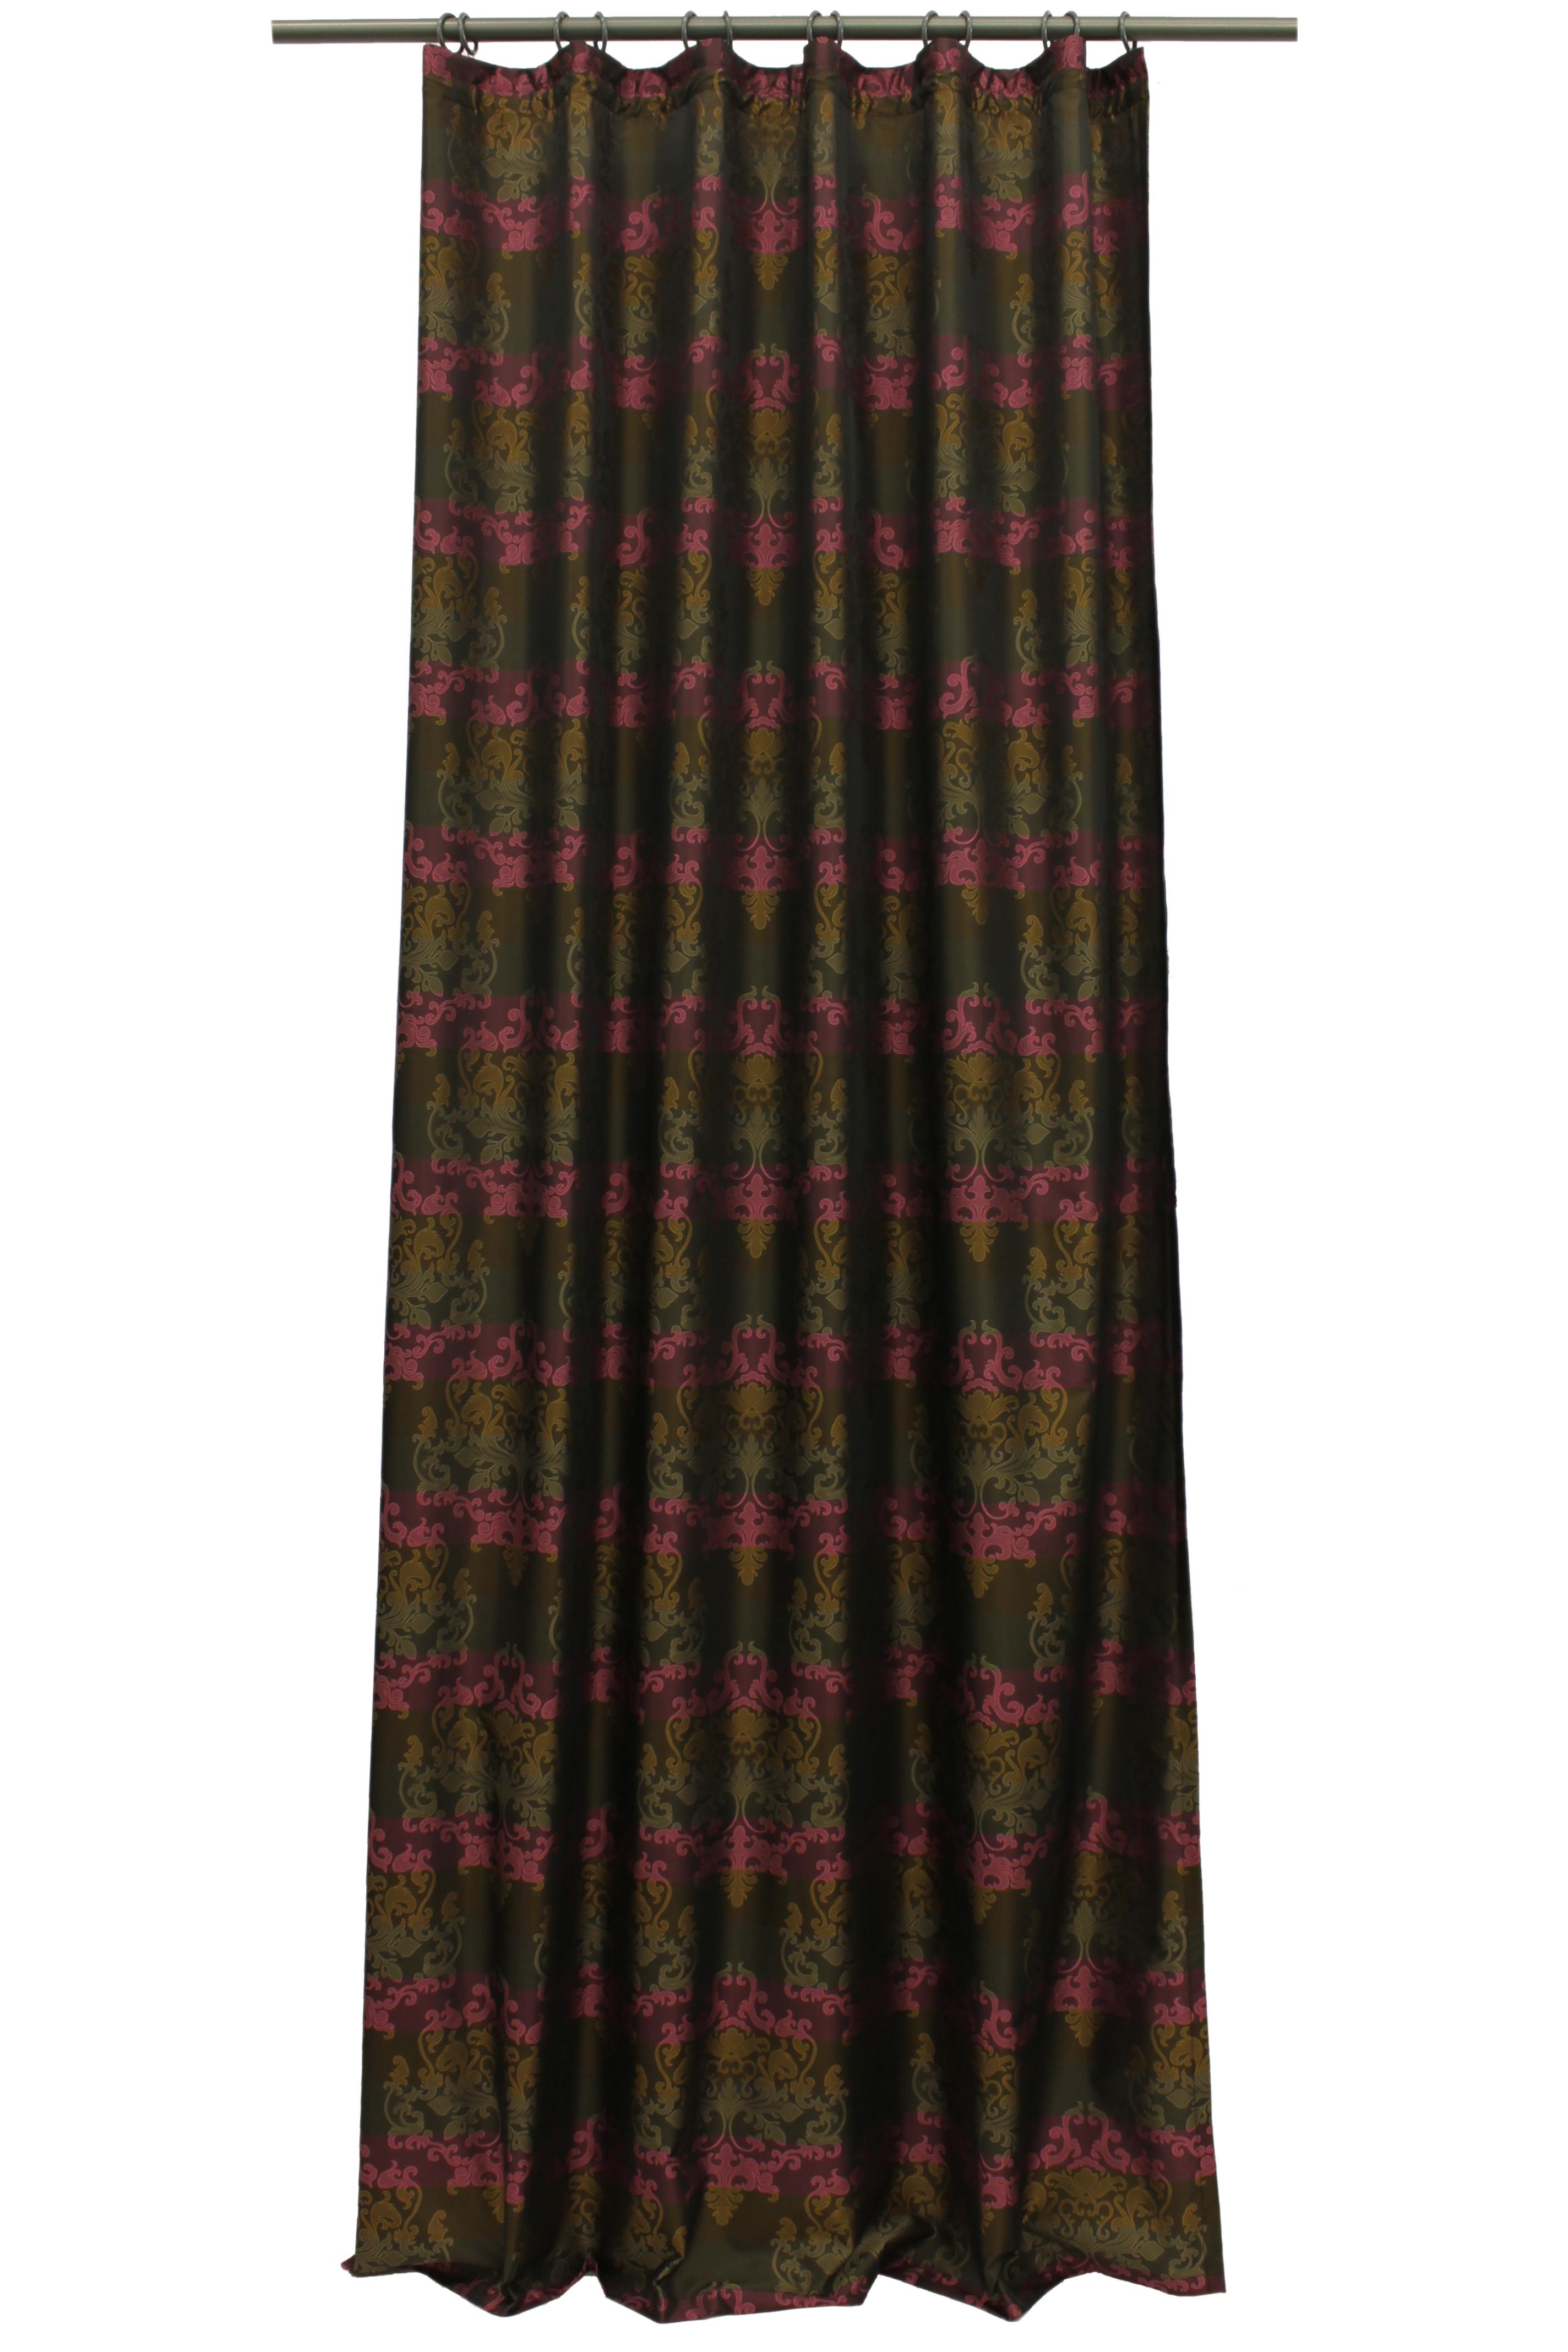 Купить Шторы Sanpa, Классические шторы Hemera Цвет: Фиолетово-Коричневый, Россия, Тафта